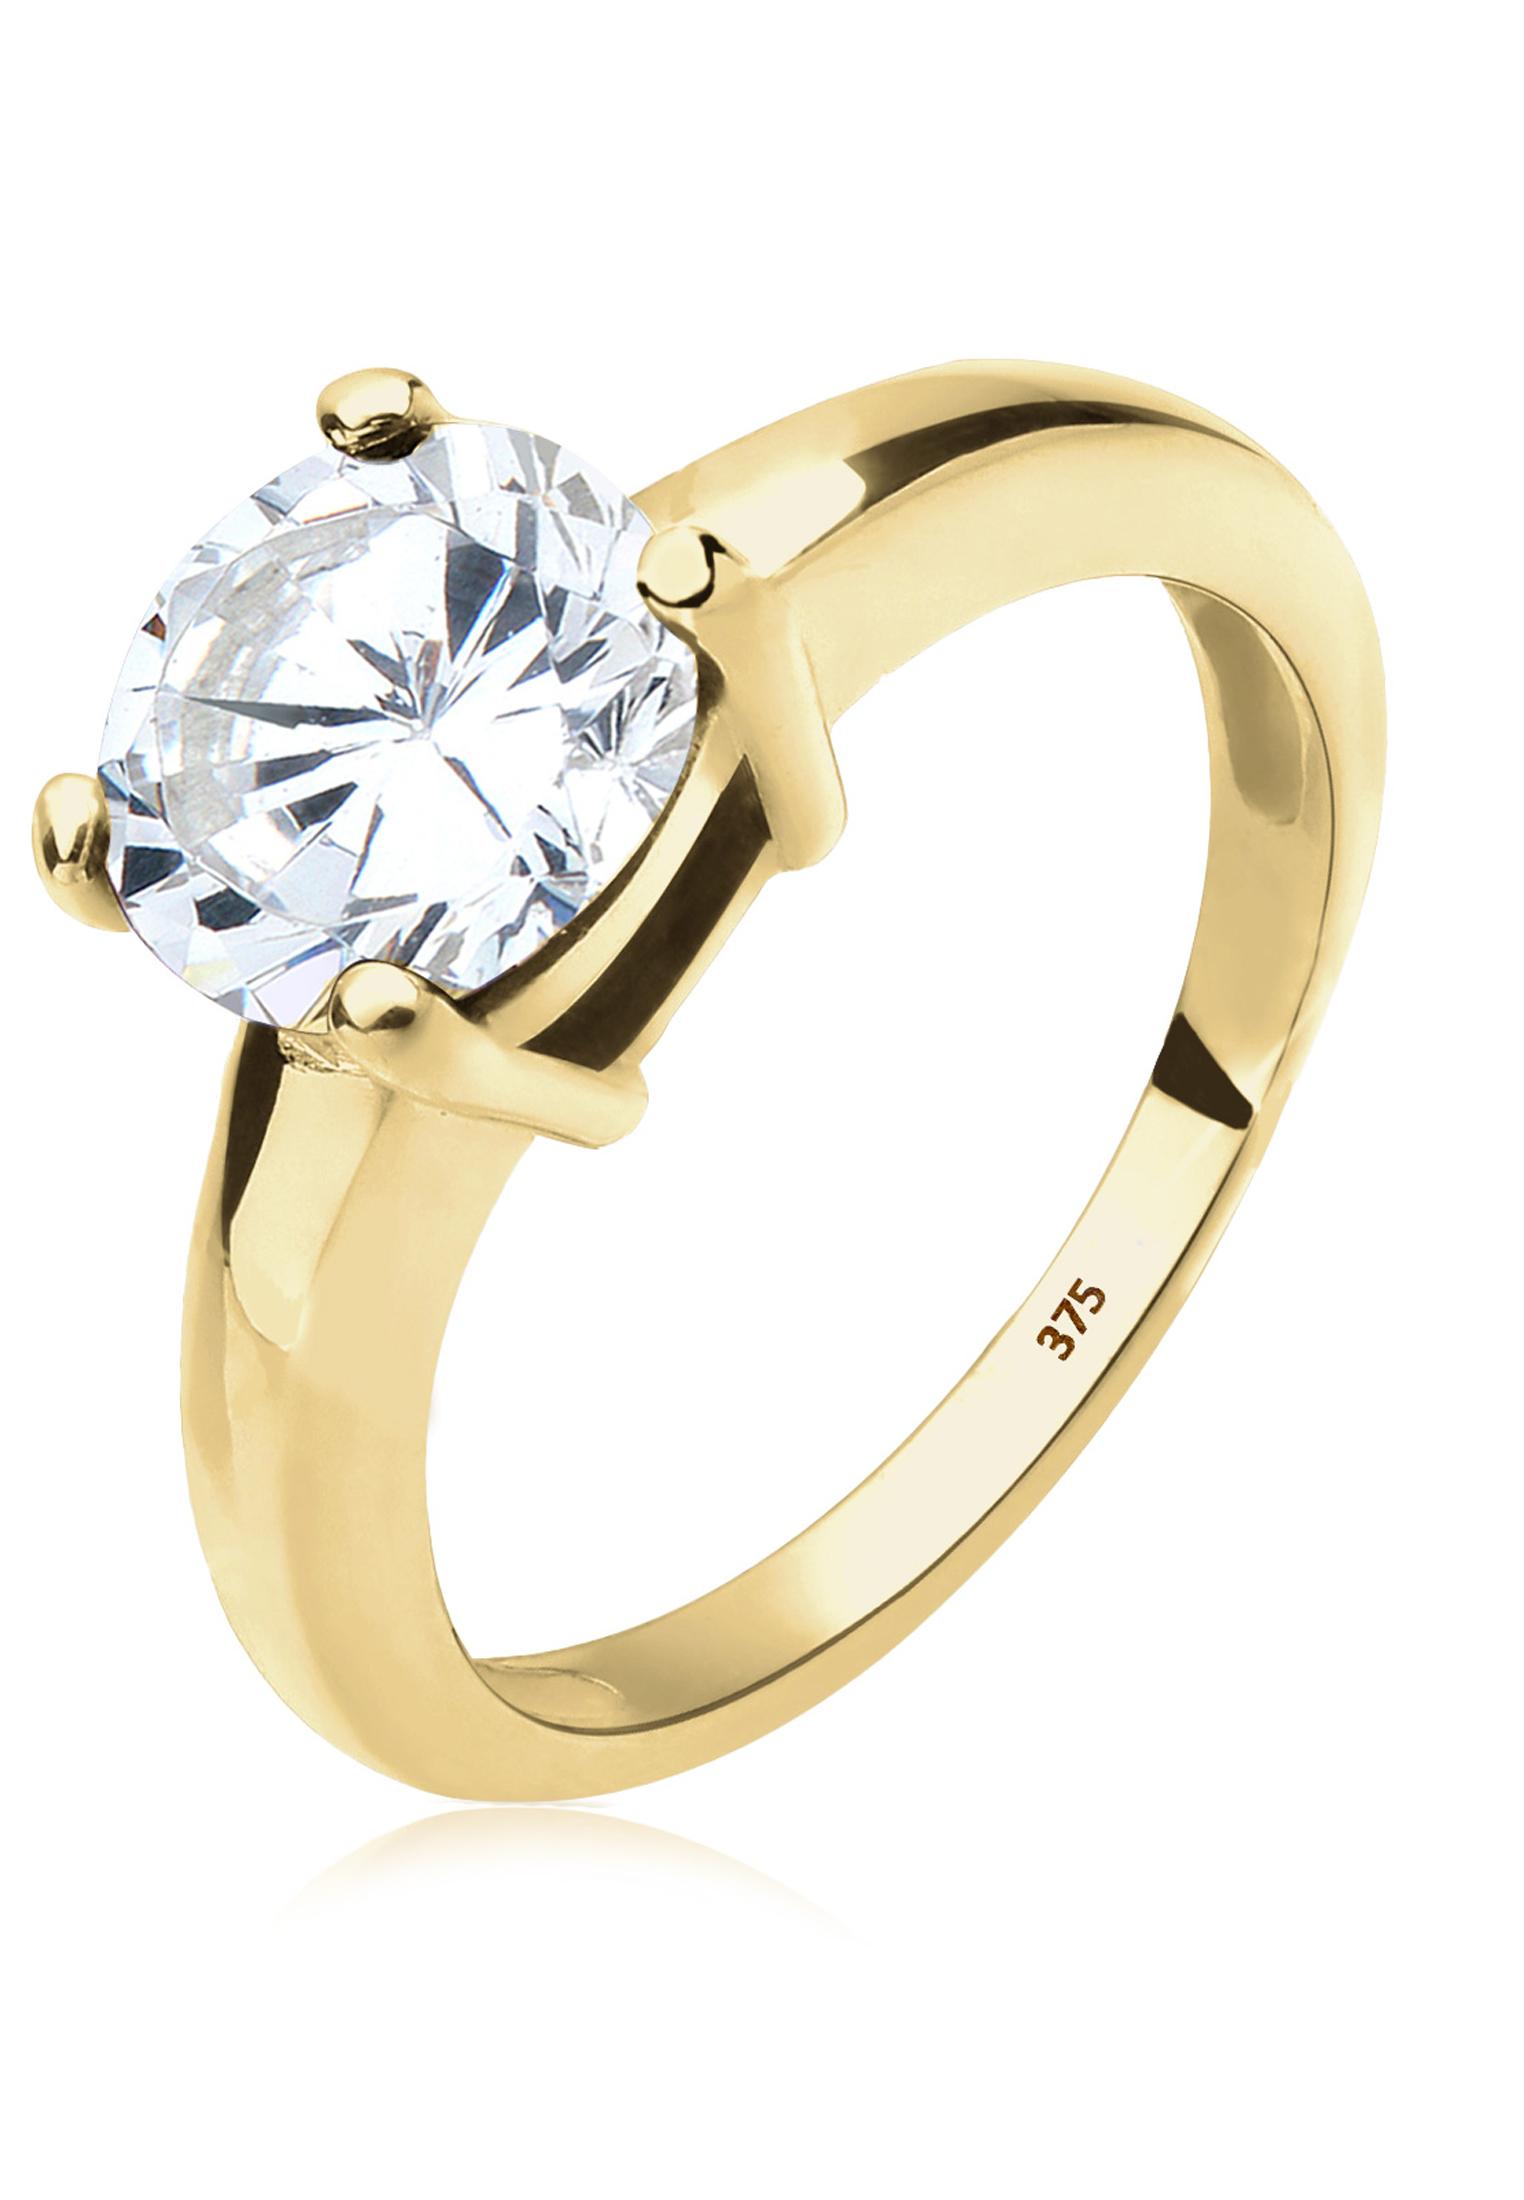 Solitär-Ring | Zirkonia ( Weiß ) | 375 Gelbgold